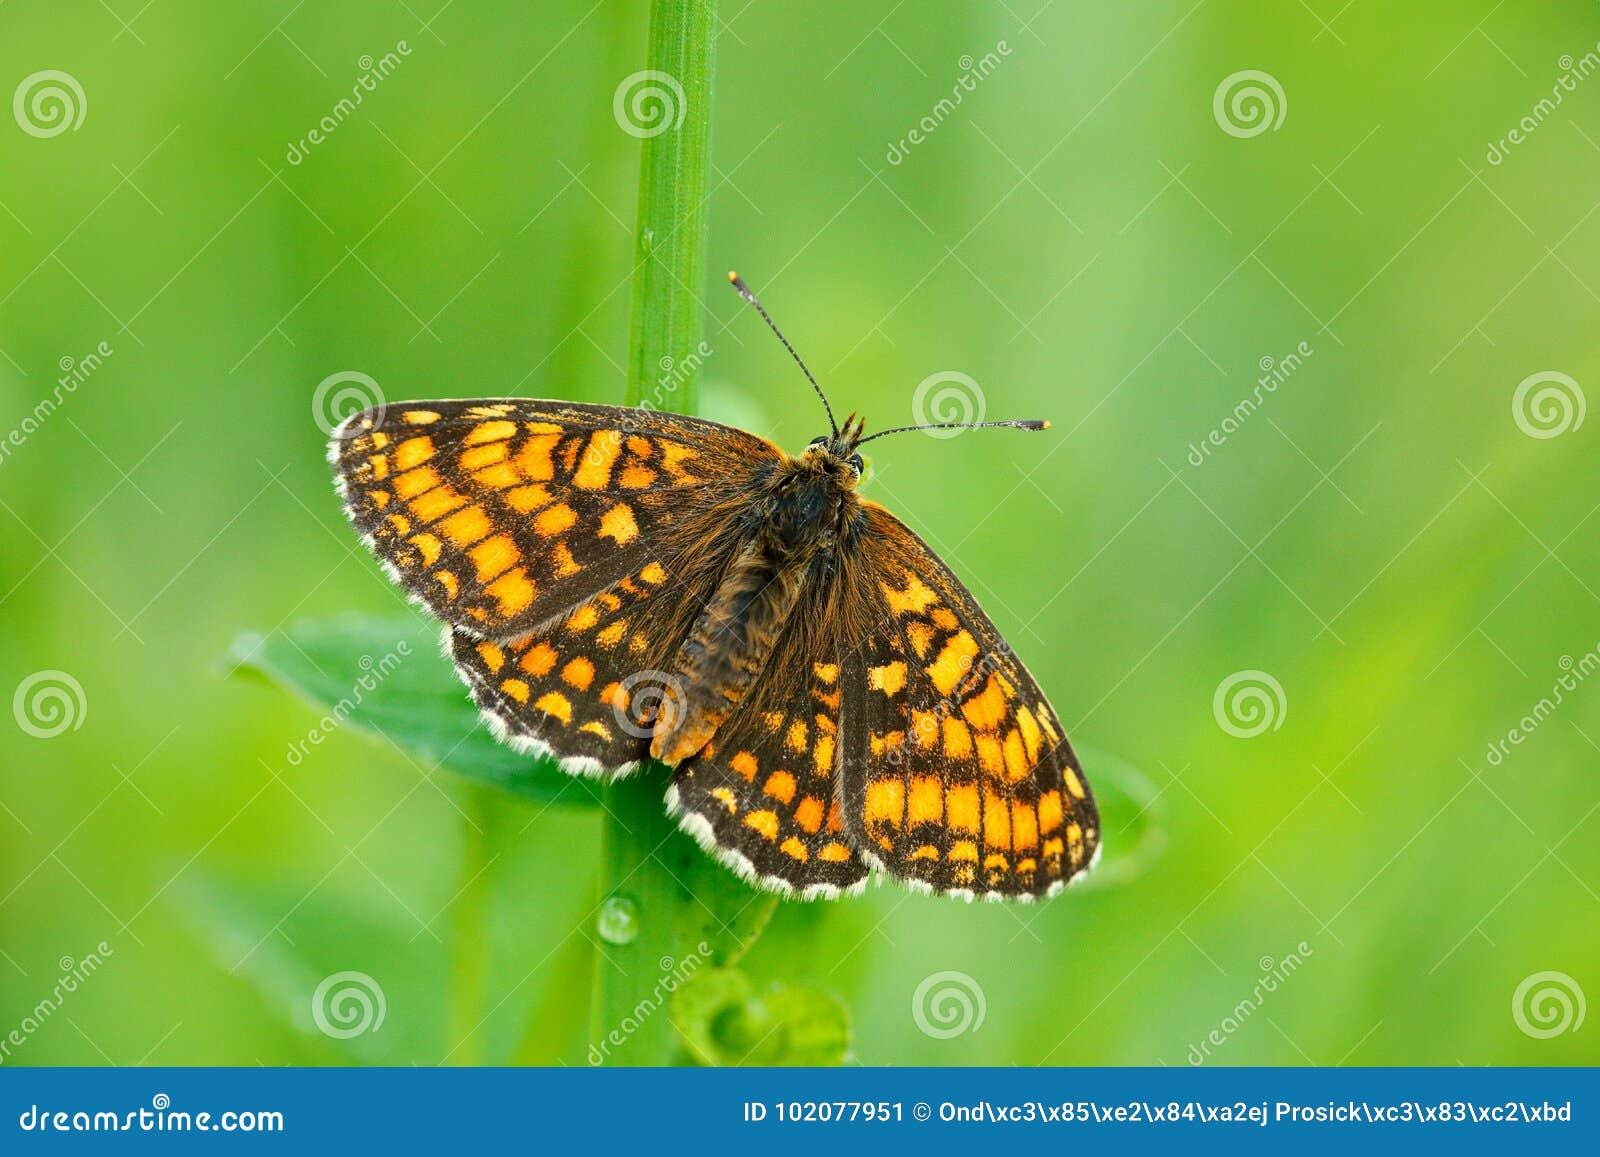 野生美丽的蝴蝶,荒地贝母, Melitaea athalia,坐绿色叶子,昆虫在自然栖所,春天